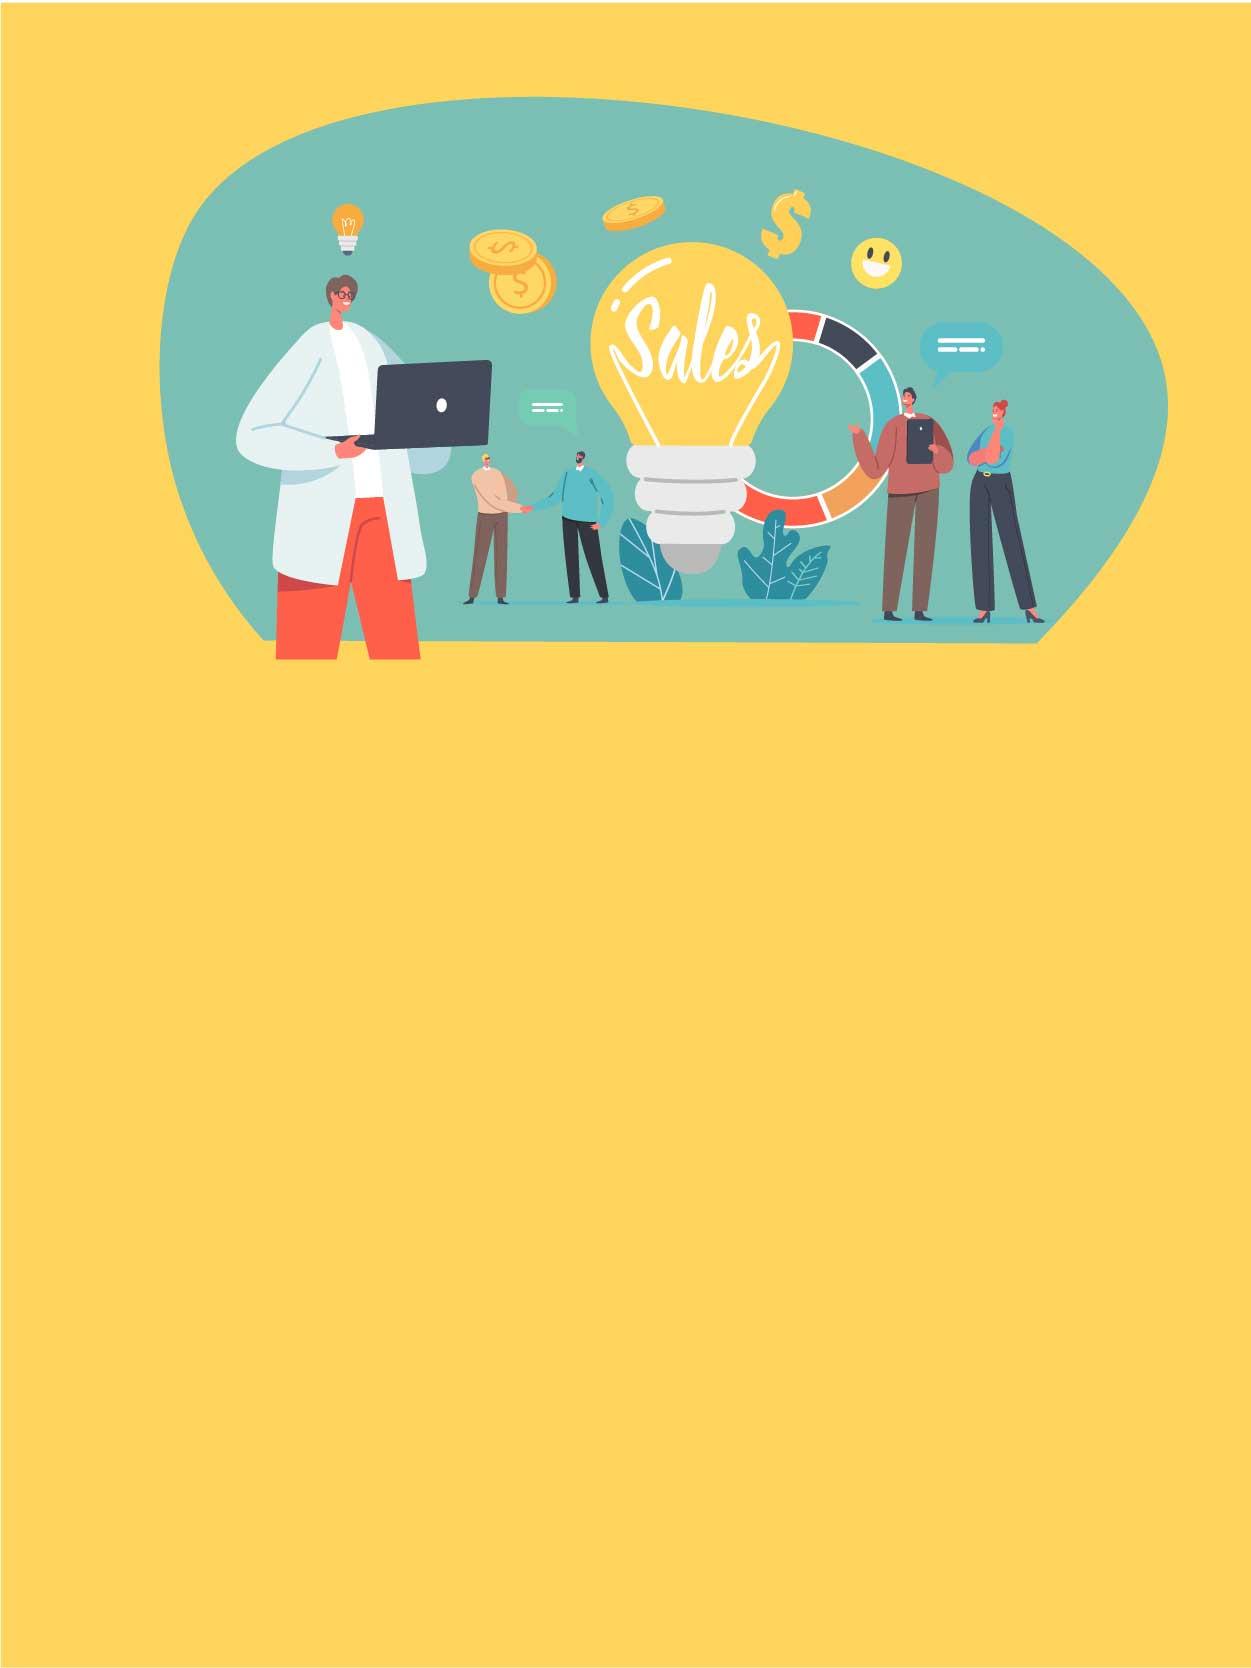 Học 6 bước chinh phục khách hàng trong vòng 7 ngày online | Edumall Việt Nam